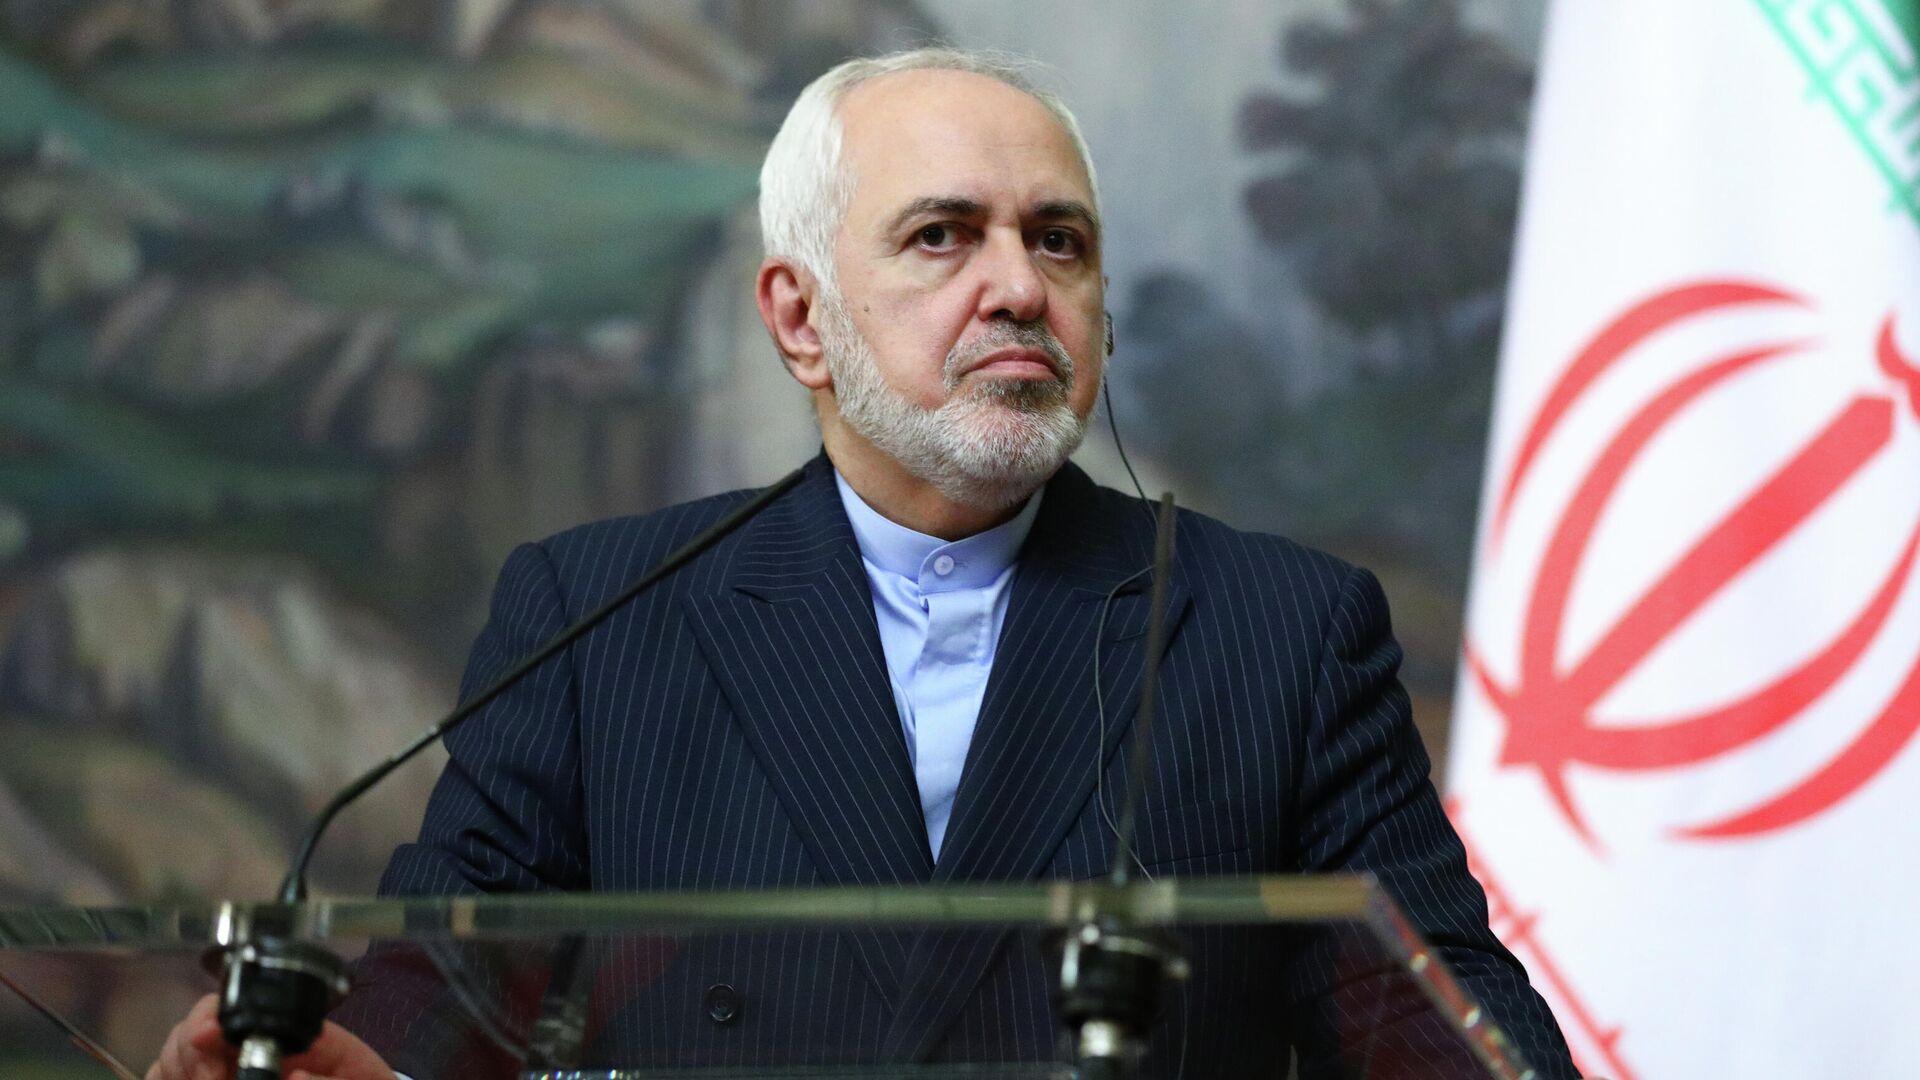 Байден не изменил политику в отношении Тегерана, заявил глава МИД Ирана